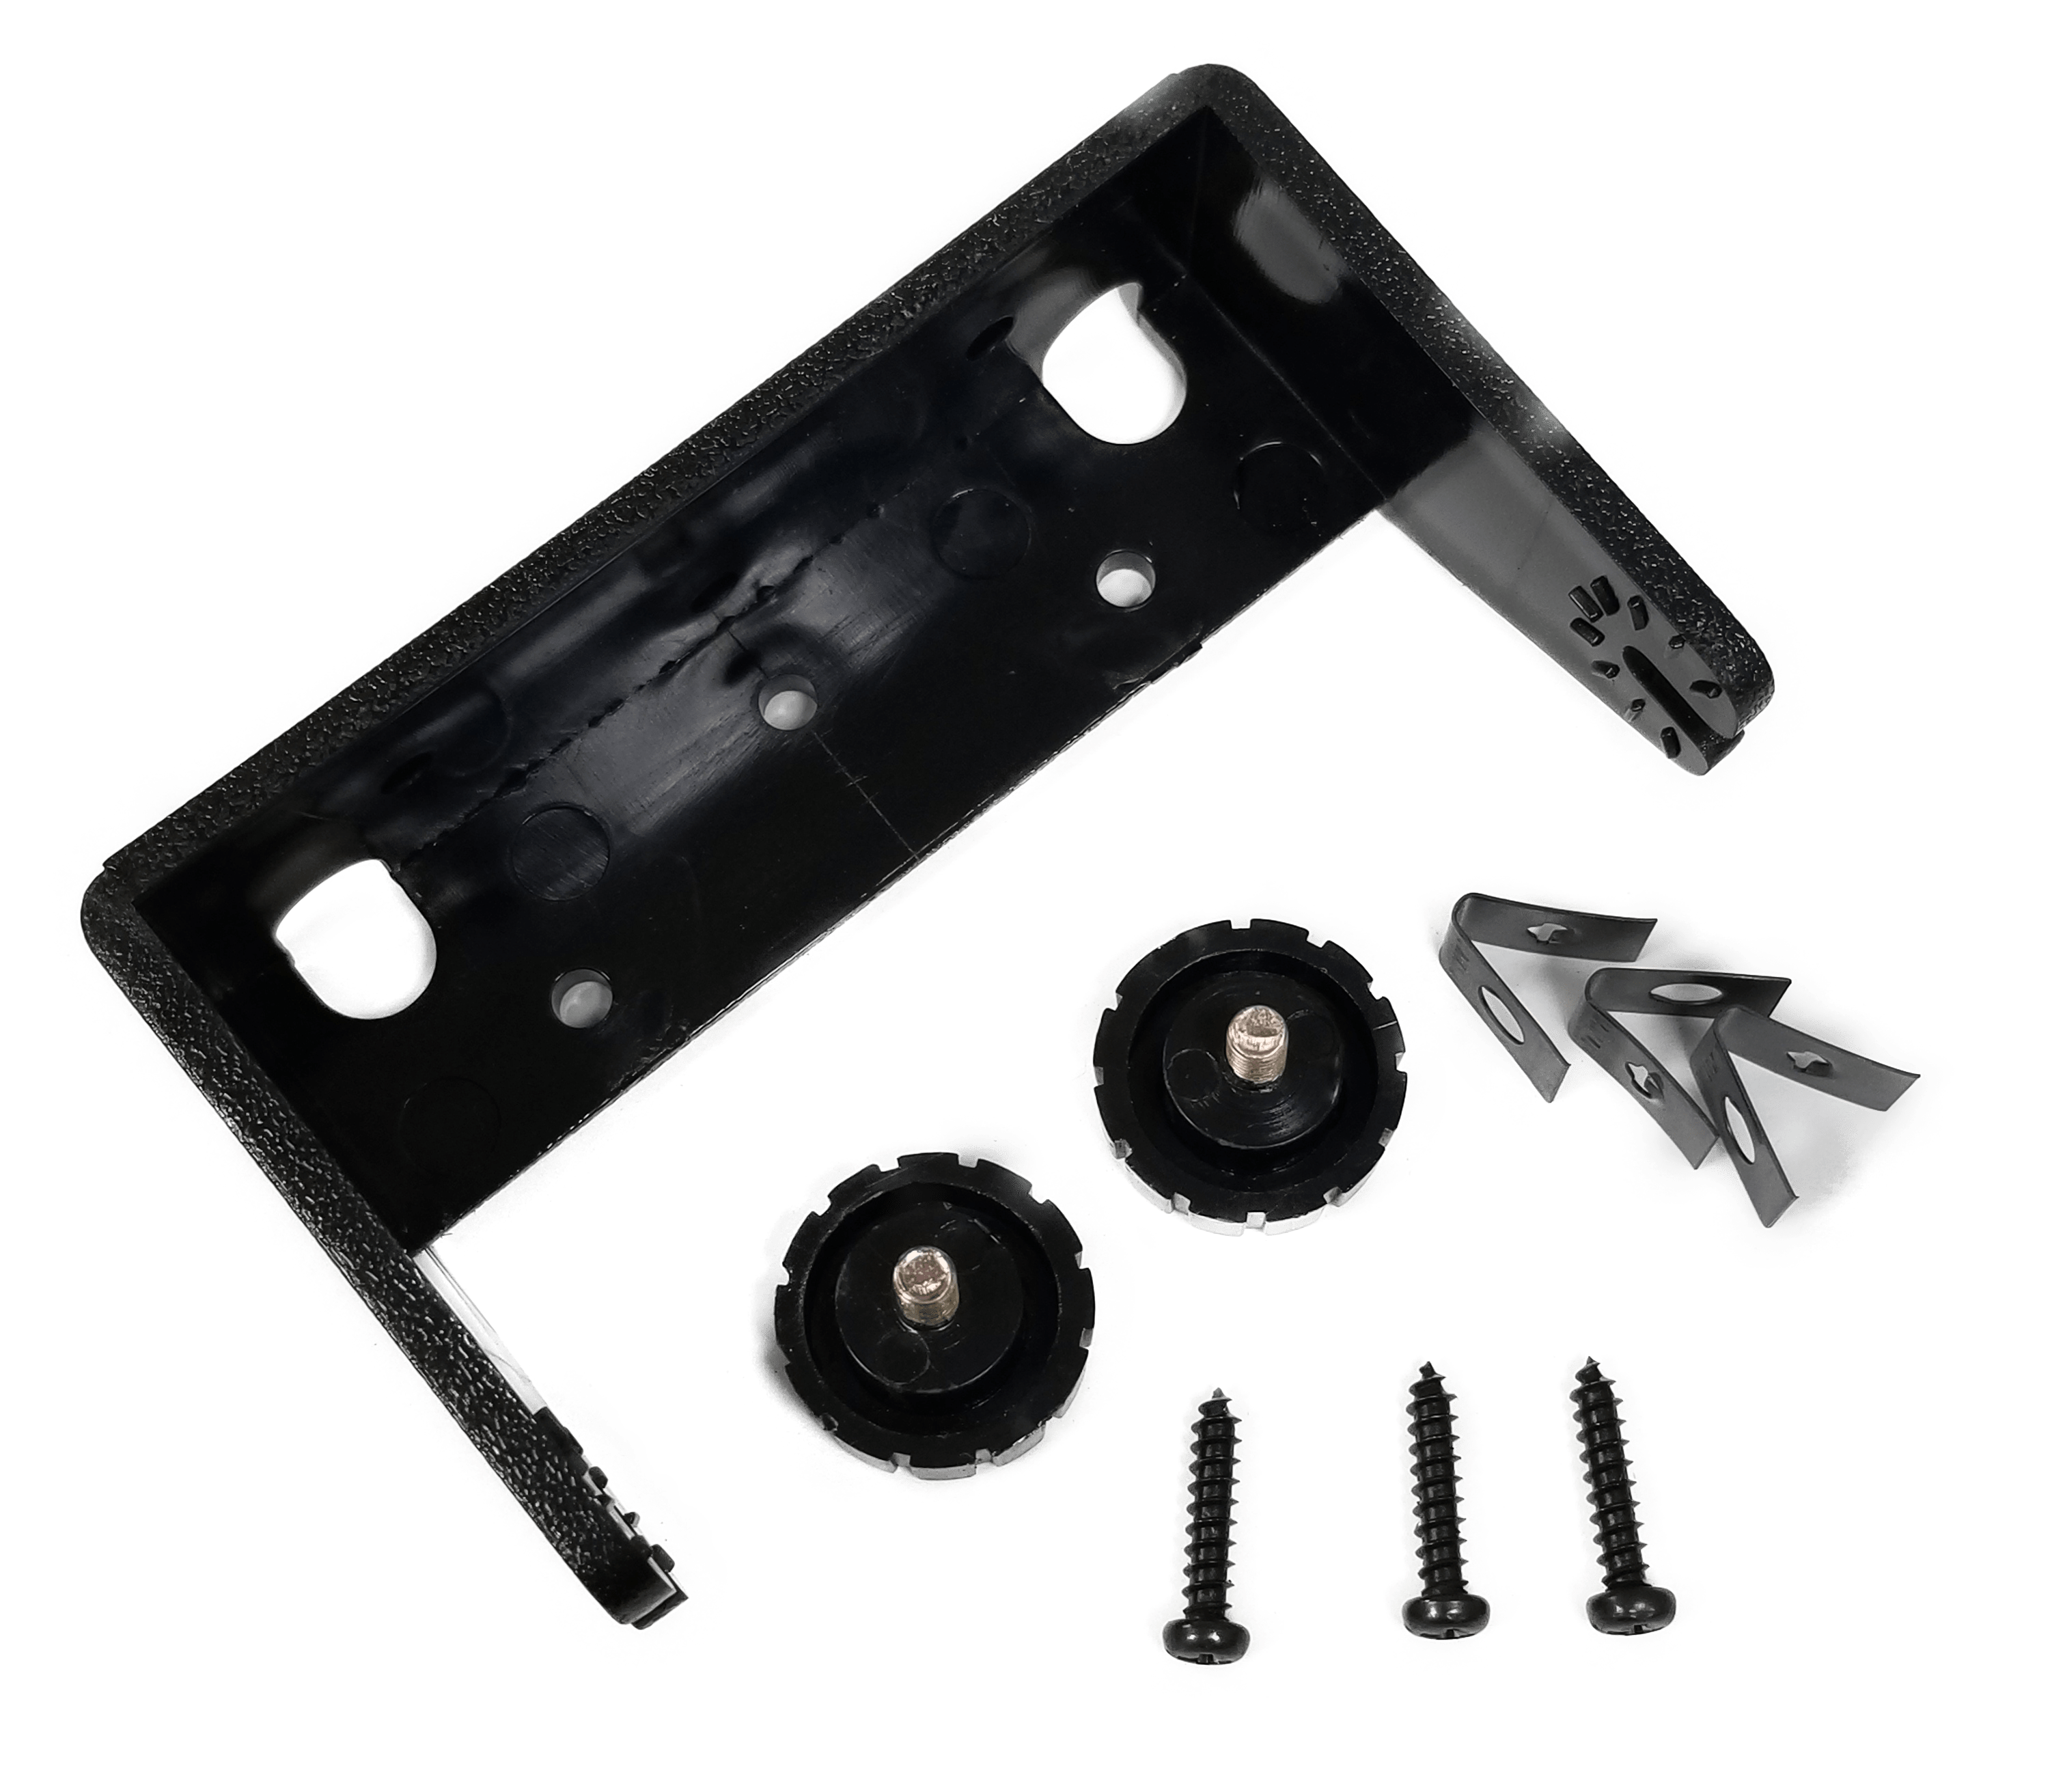 SPB11 - Marmat 8 Watt External Speaker 3.5mm Plug